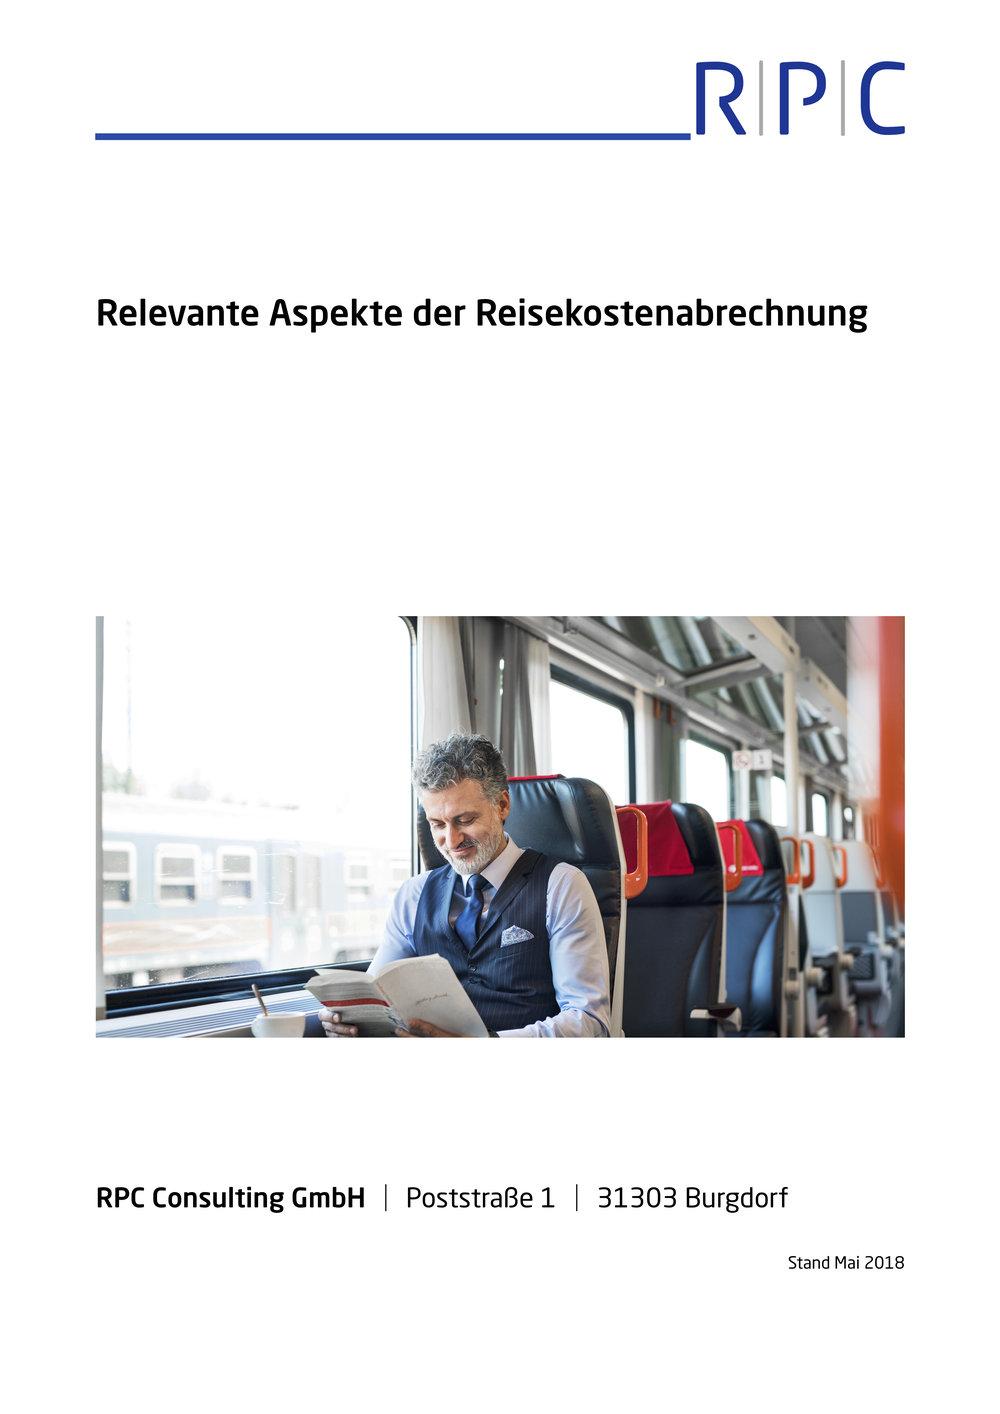 Reisekostenabrechnung - Relevante Aspekte der Reisekostenabrechung